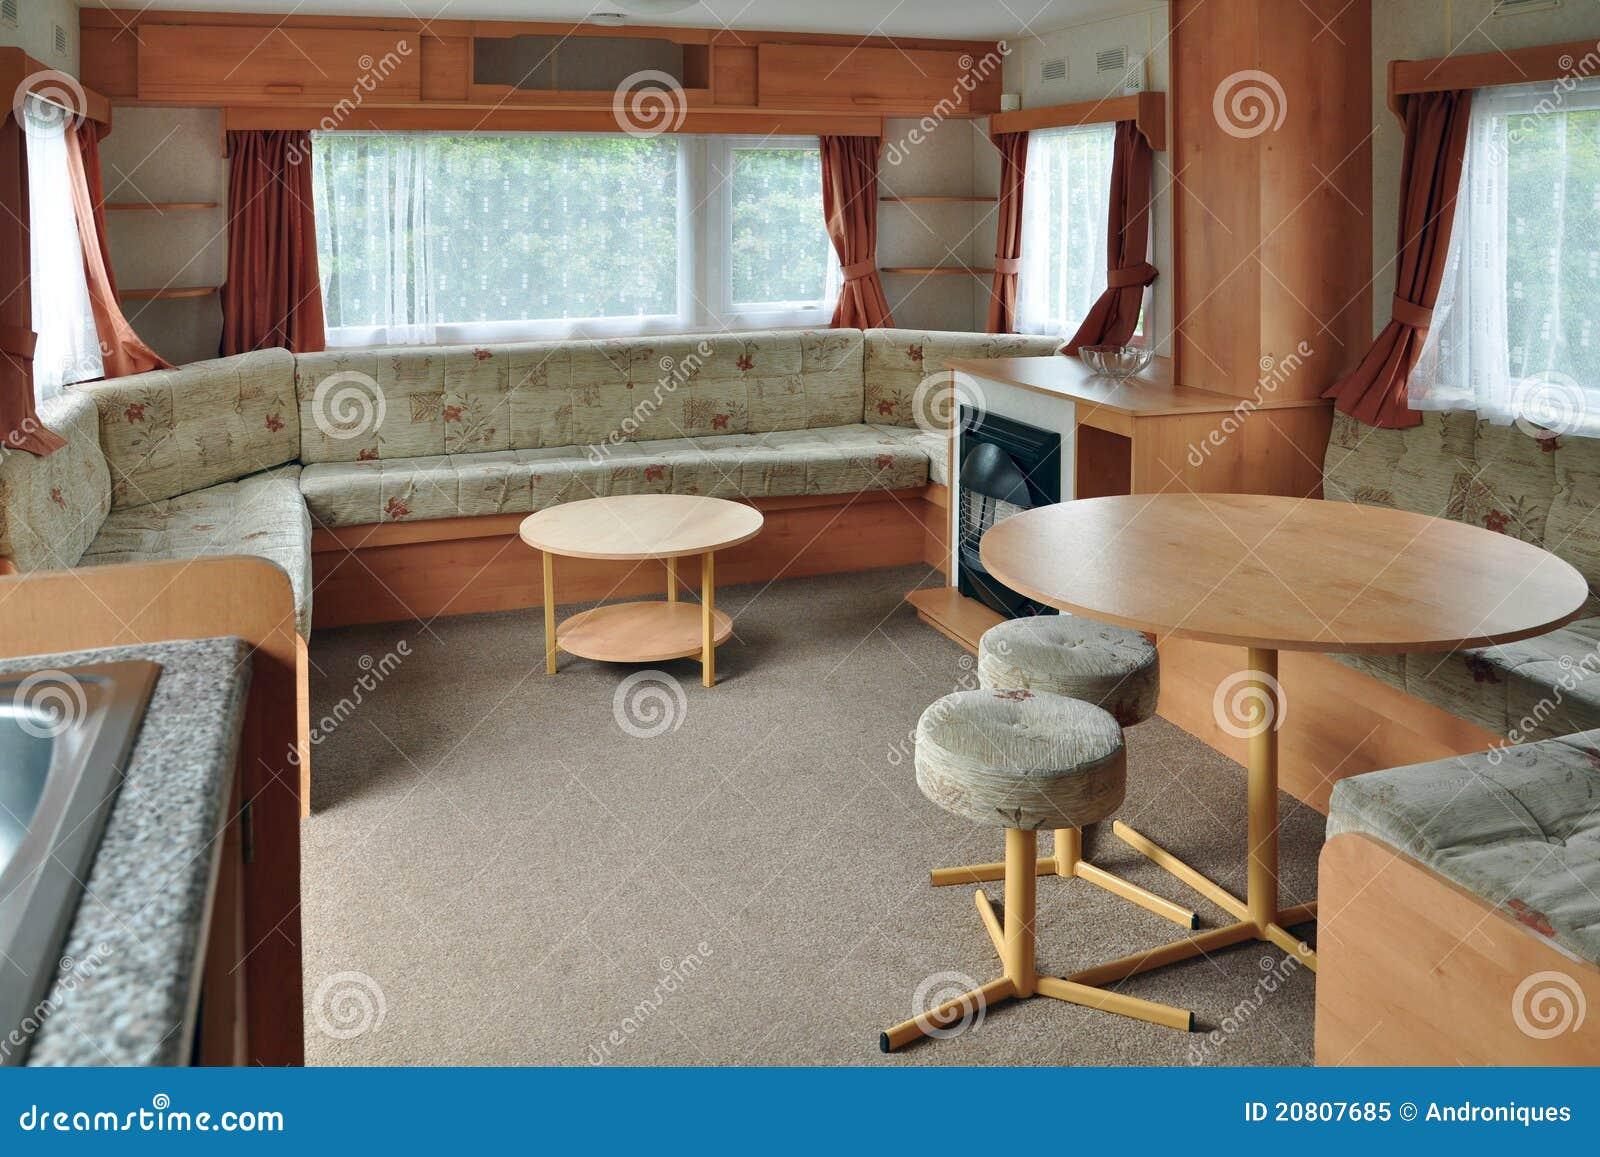 int rieur de chariot ou de remorque de caravane image stock image du pr fabriqu pi ce 20807685. Black Bedroom Furniture Sets. Home Design Ideas